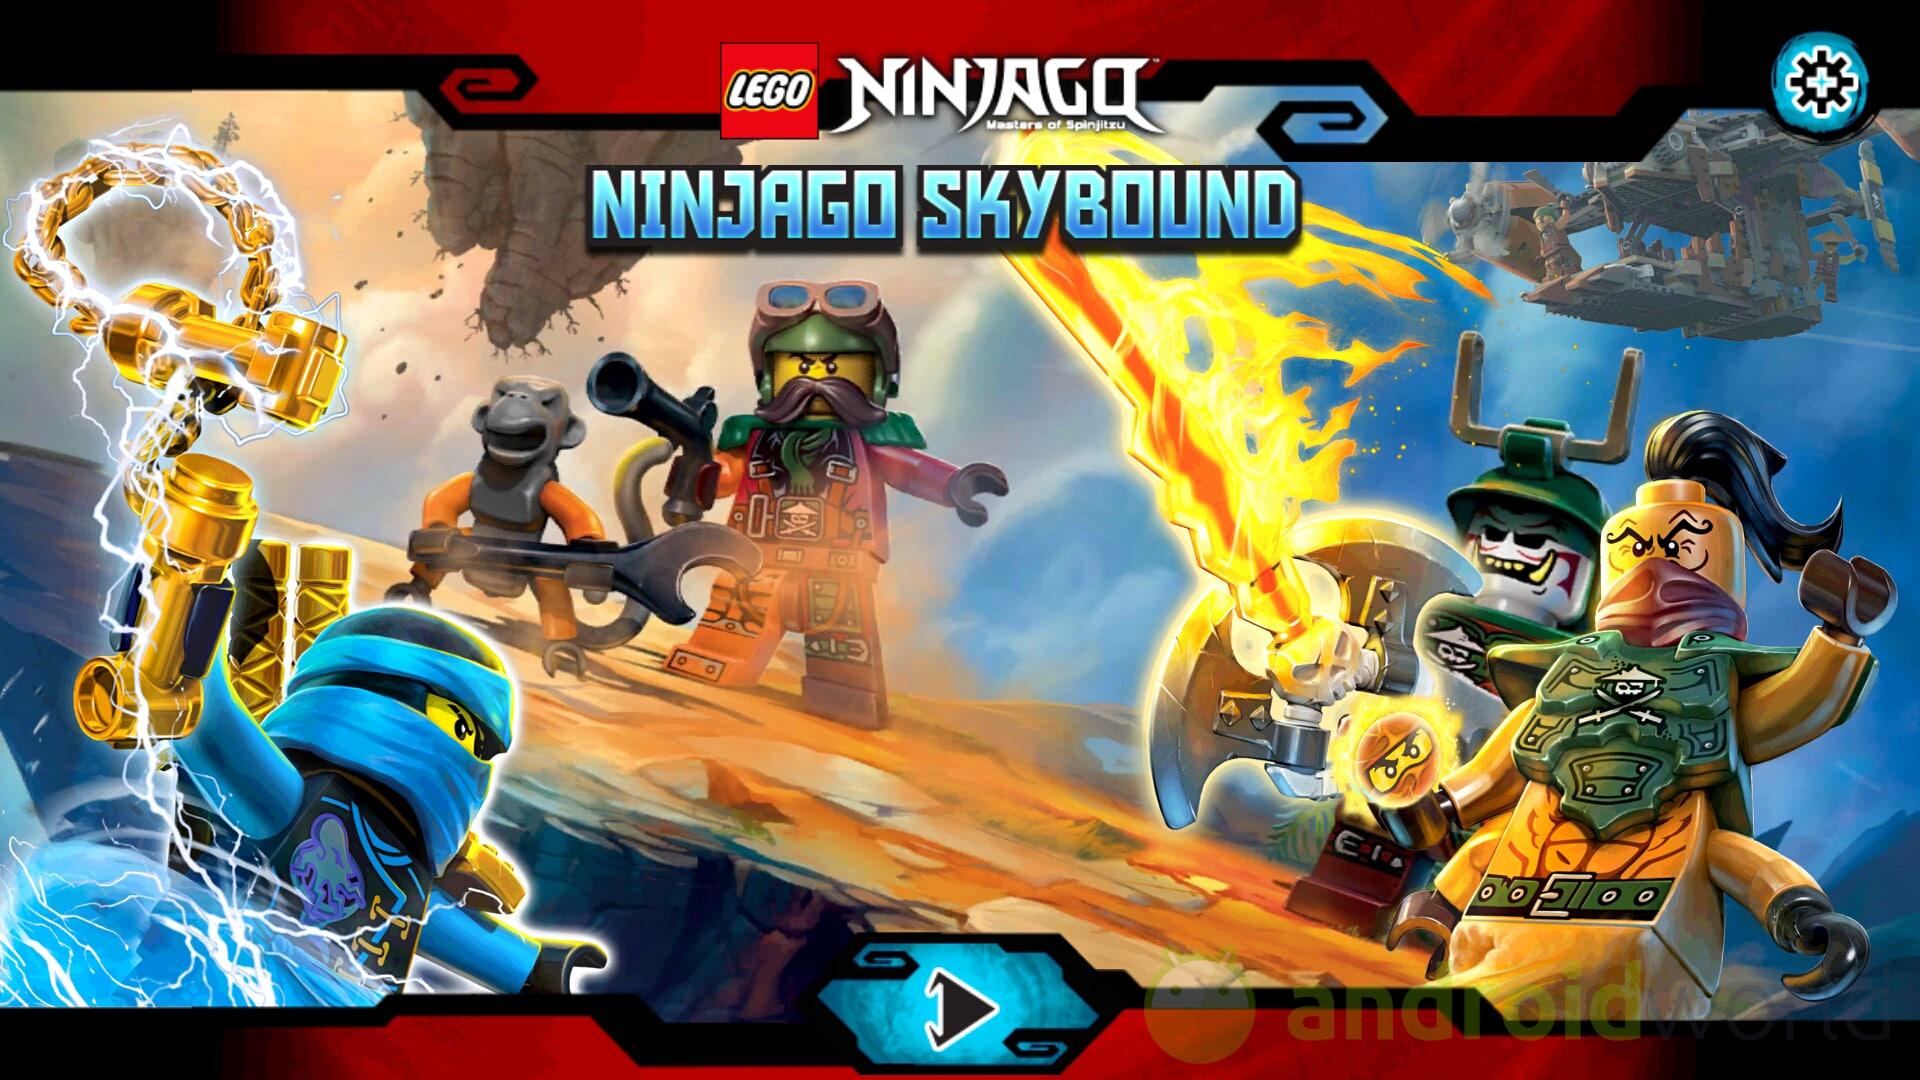 Lego Spiele Online Gratis